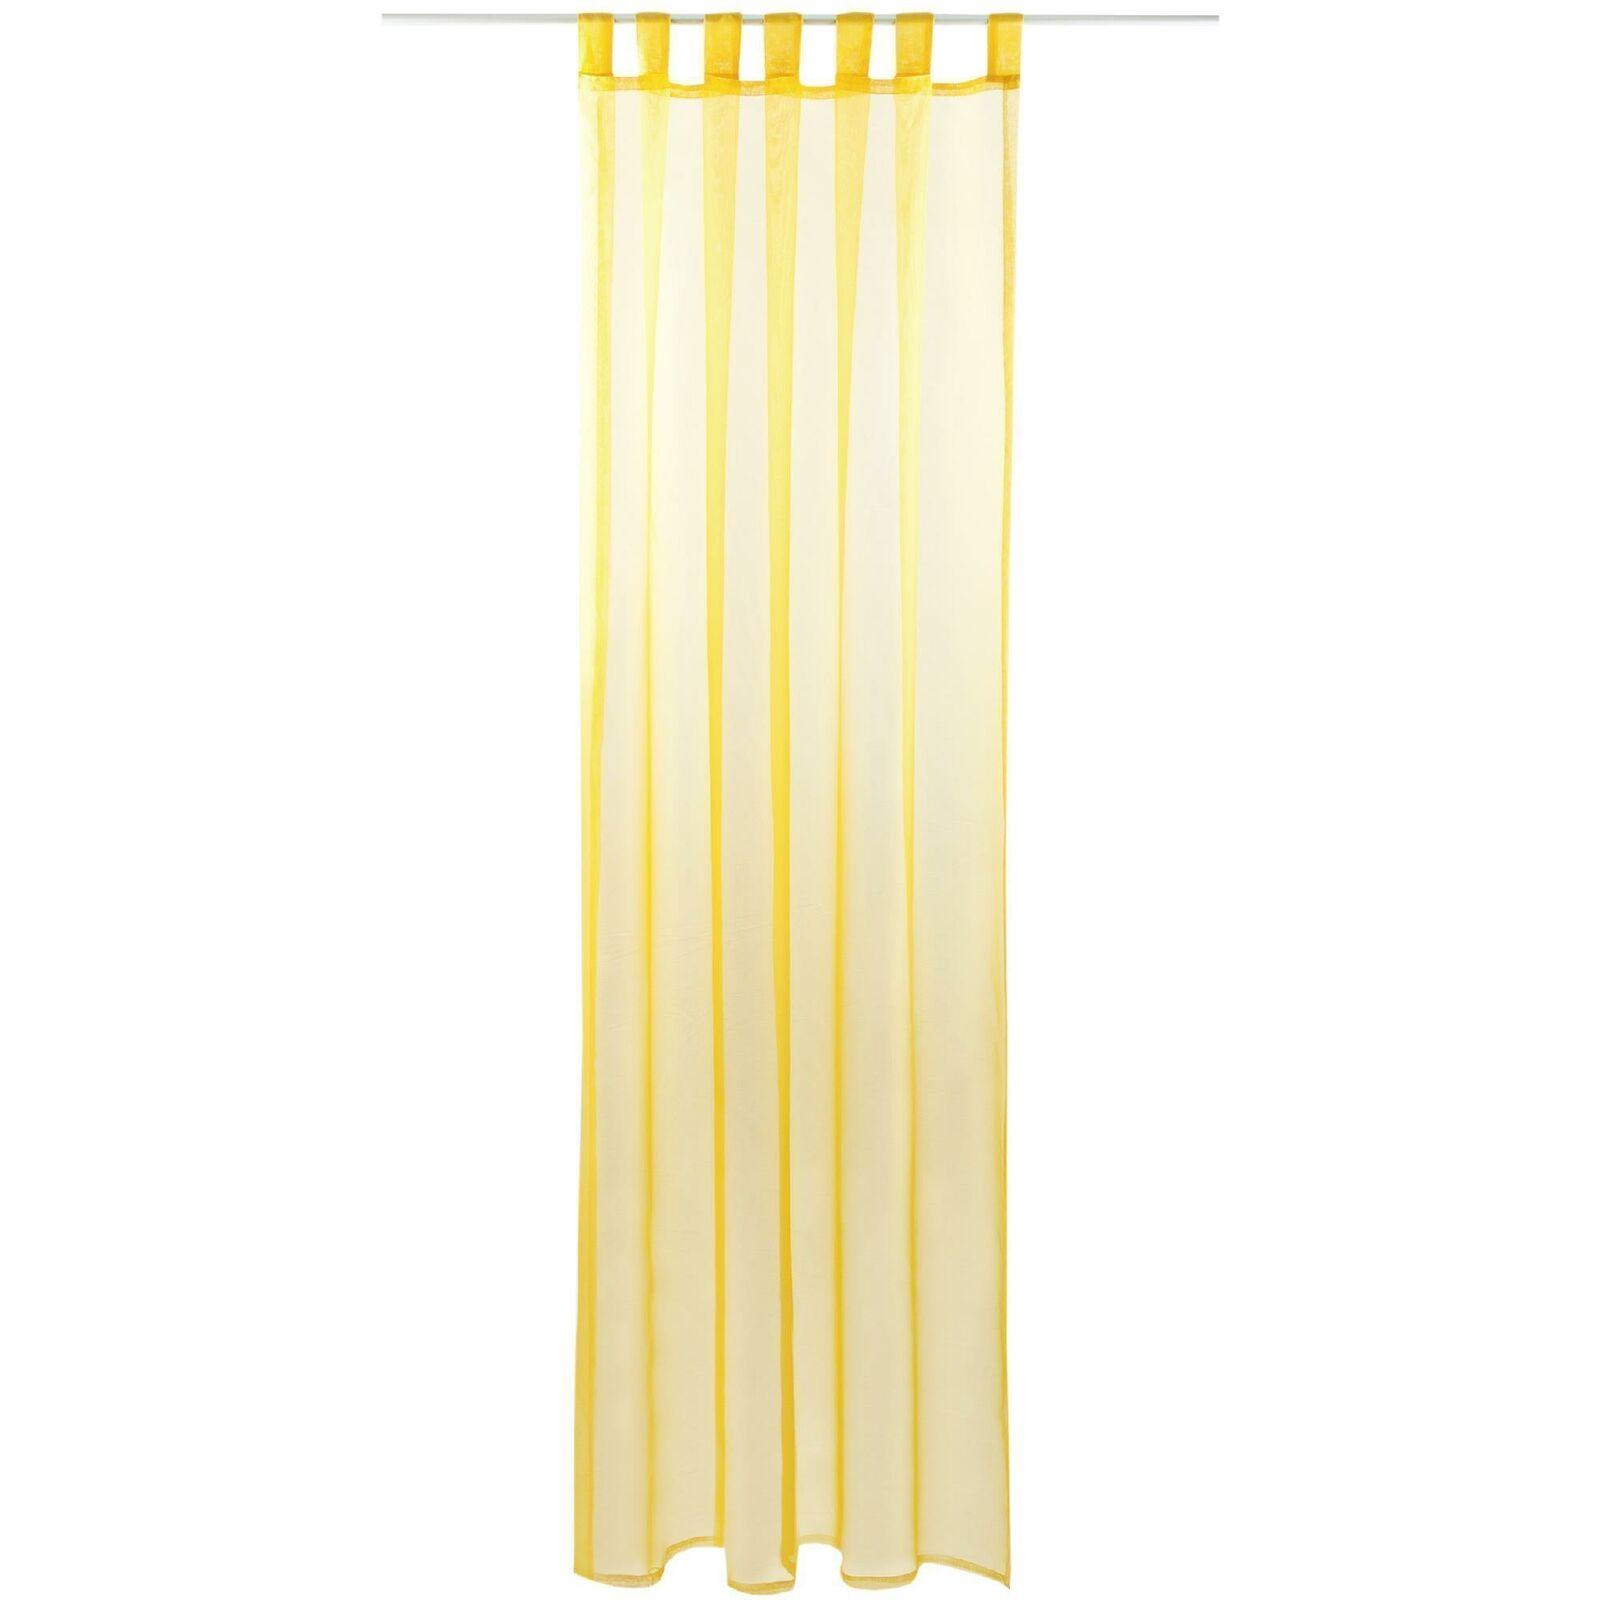 Schlaufenschal Vorhang mit Schlaufen Transparent Voile Uni Gardine große Auswahl gelb - lemongelb